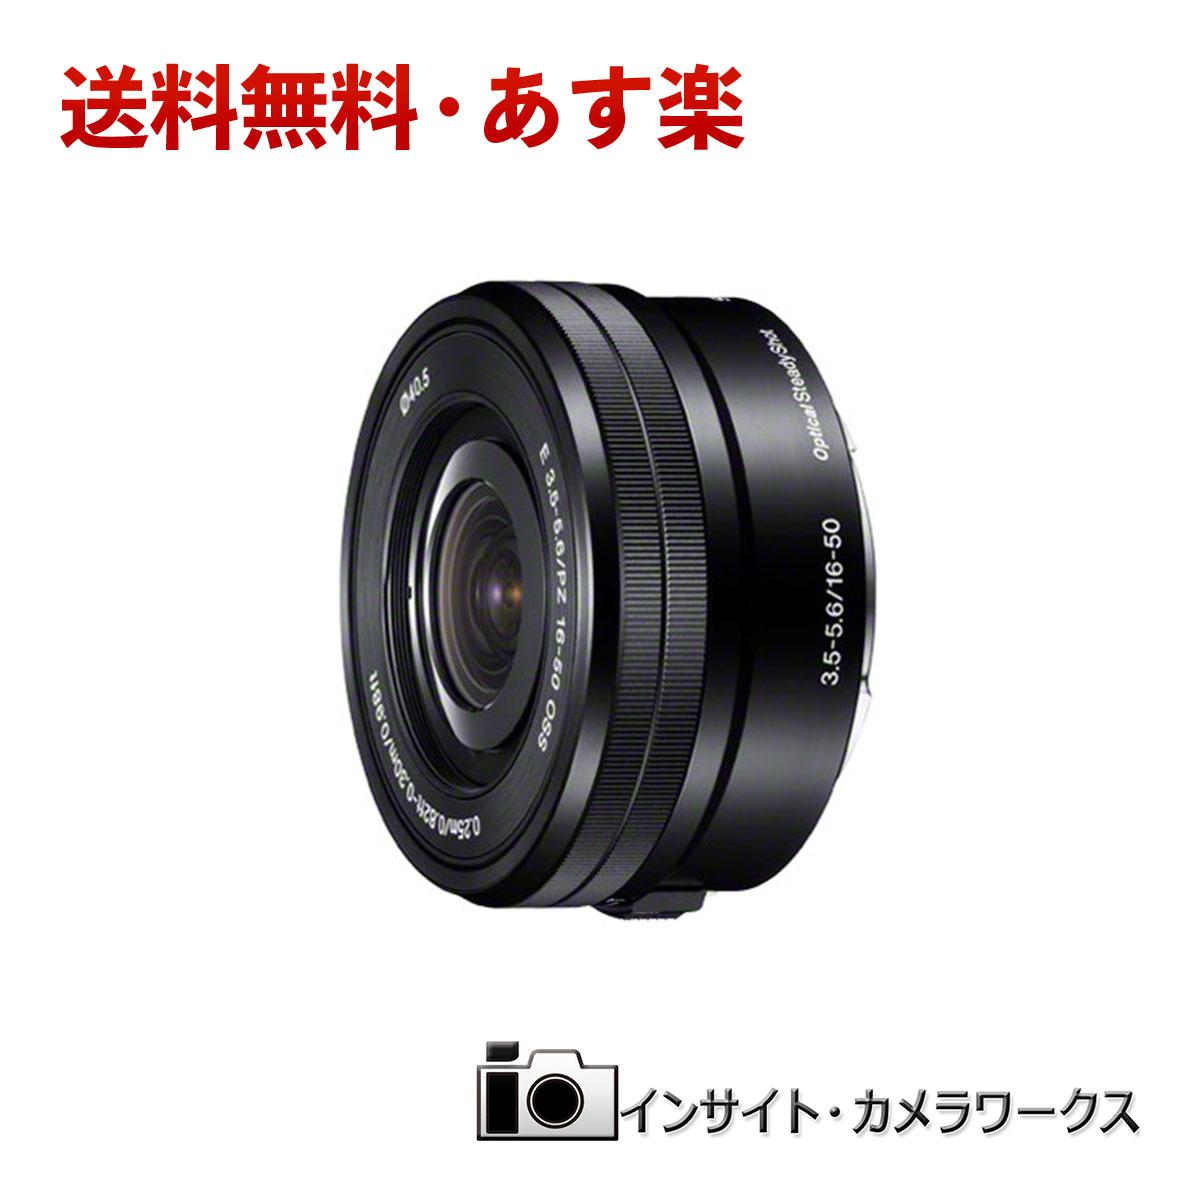 【あす楽対応・特別価格】 【あす楽】SONY レンズ 標準 標準ズームレンズ E PZ 16-50mm F3.5-5.6 OSS SELP1650 ブラック ソニー 交換レンズ